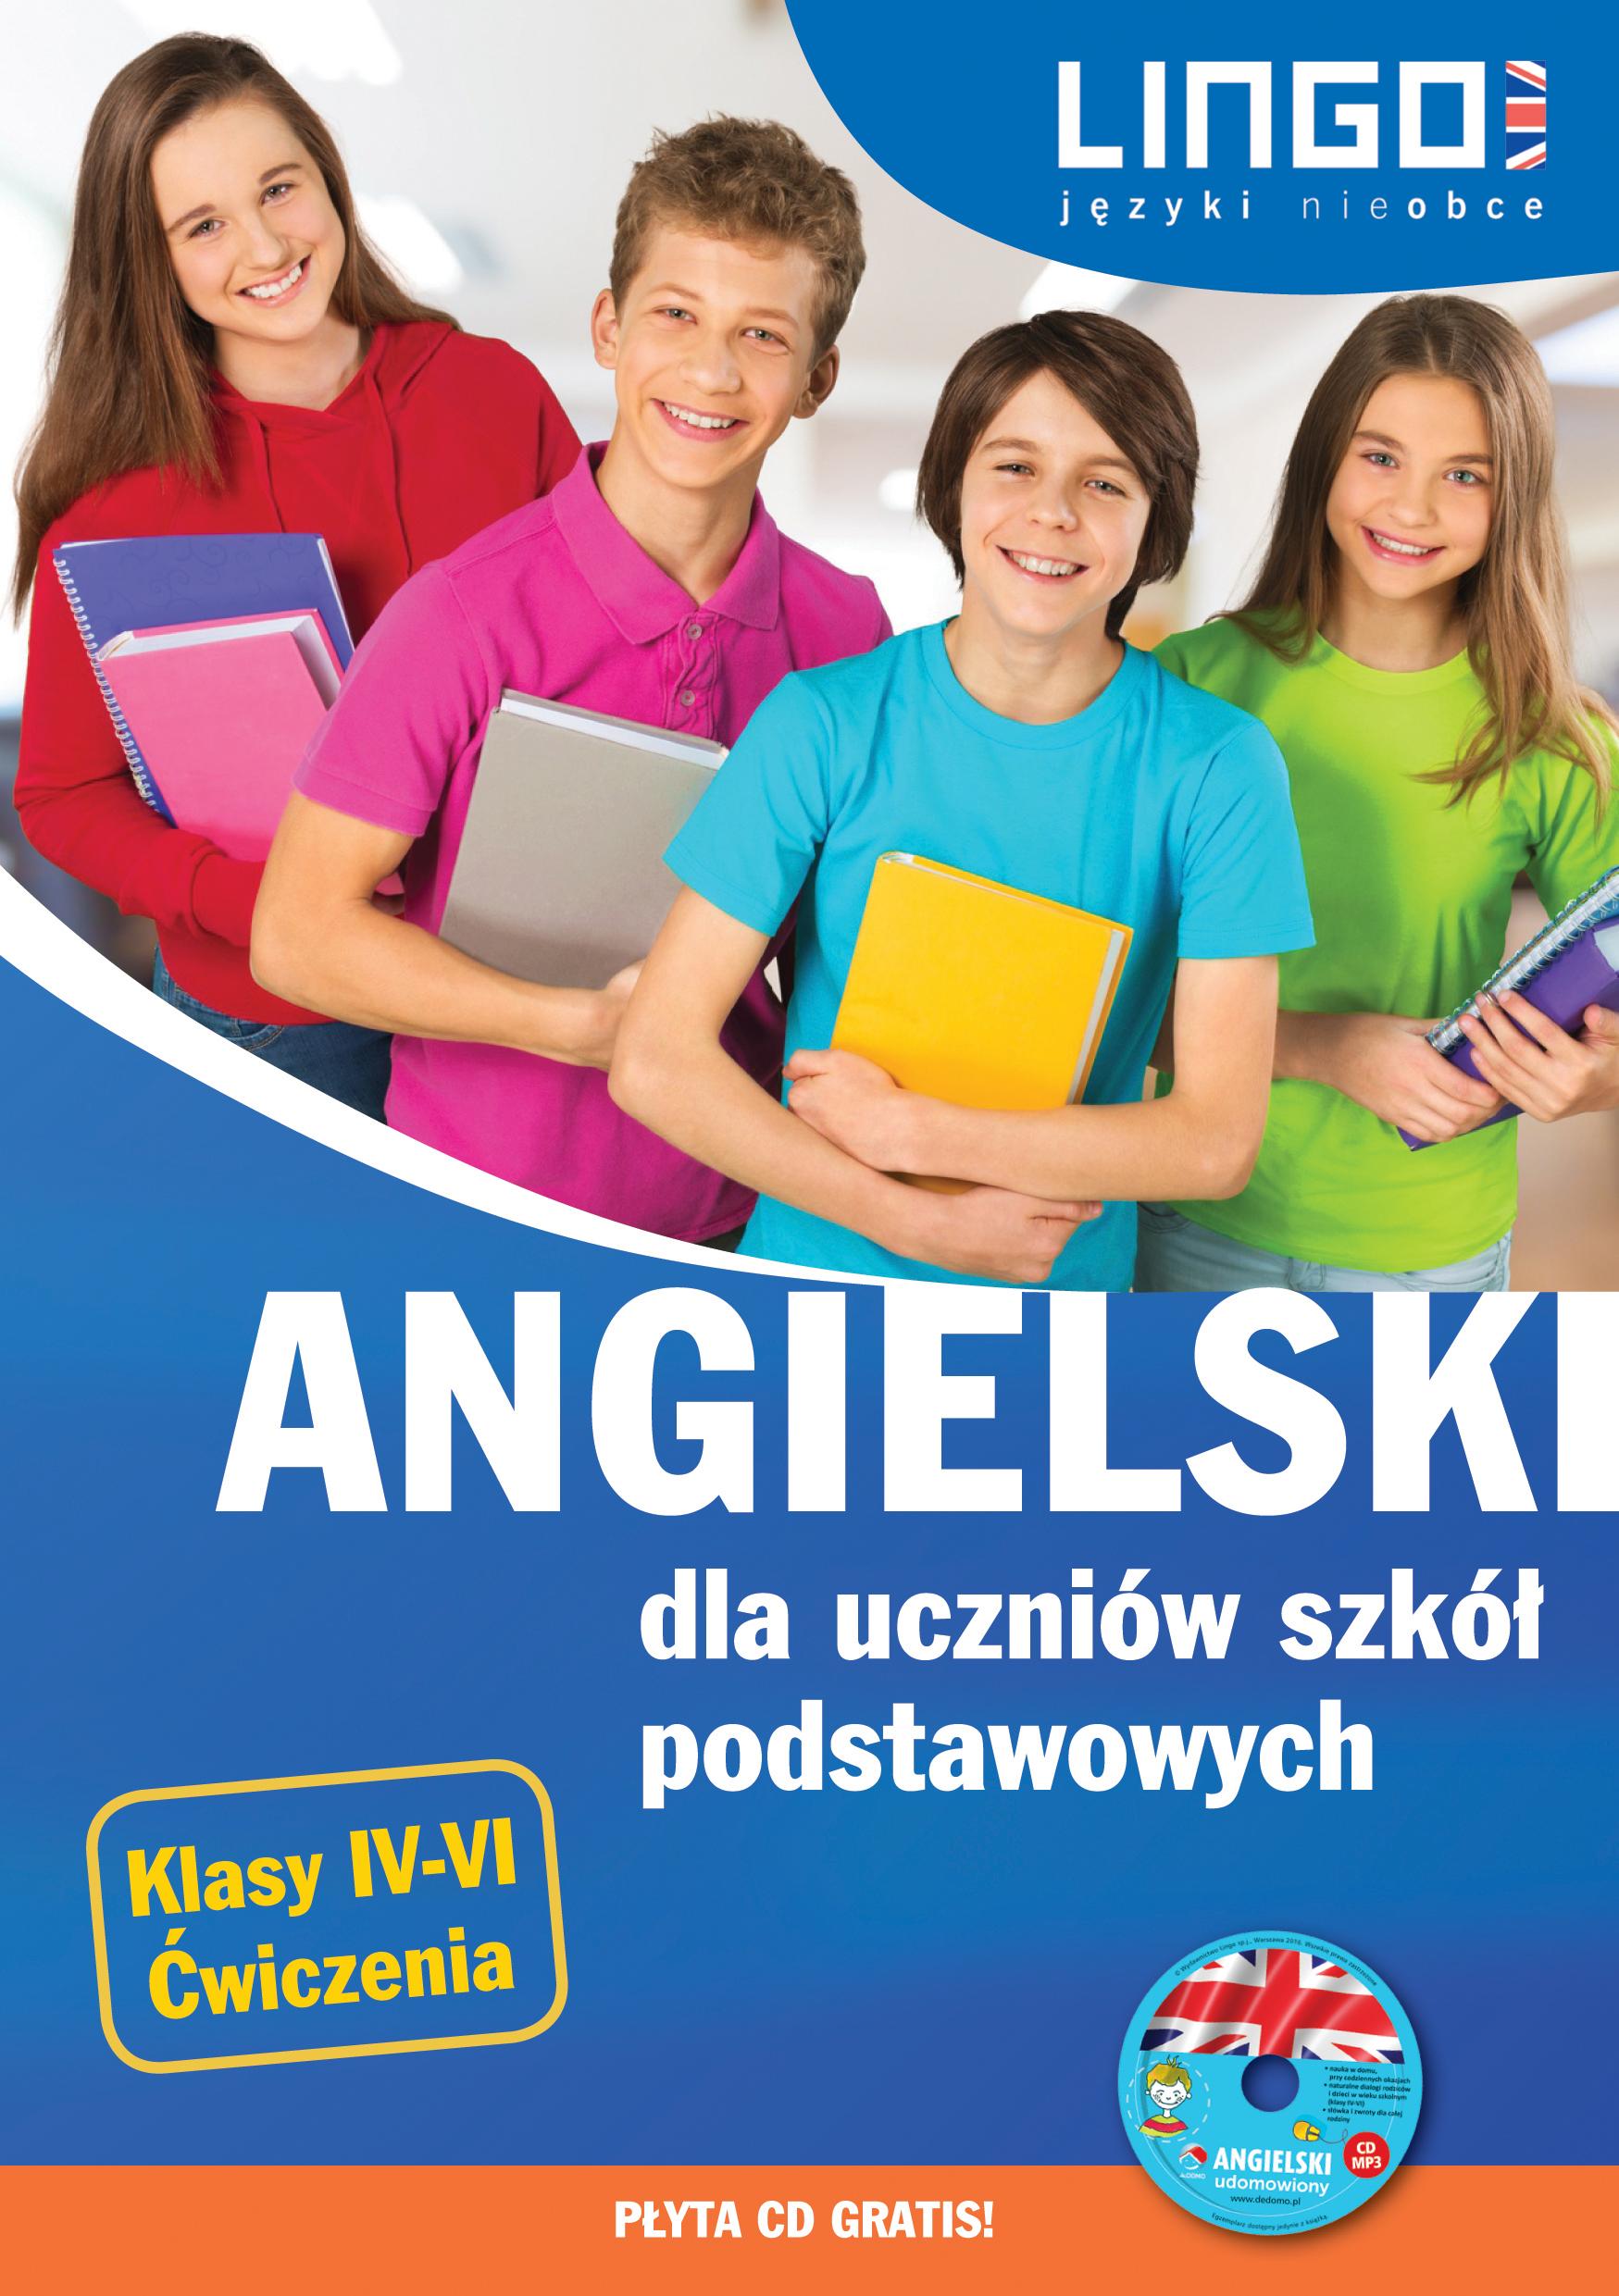 Lingo_Angielski dla uczniow szkol podst 2